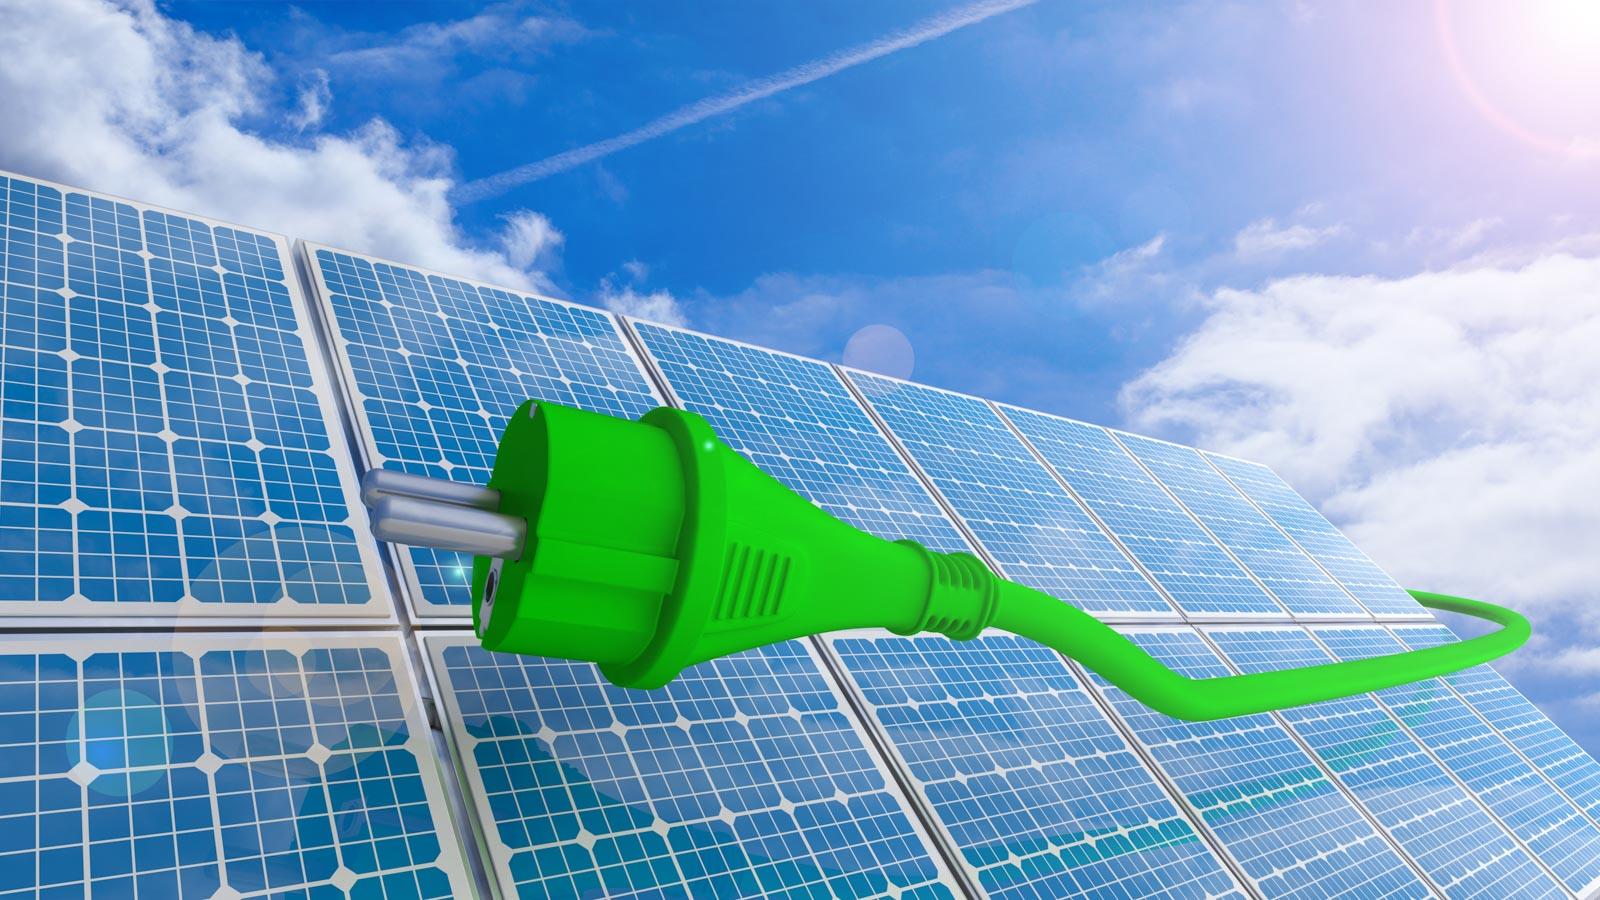 Graphik mit Solarpanels und Stecker vor Himmel